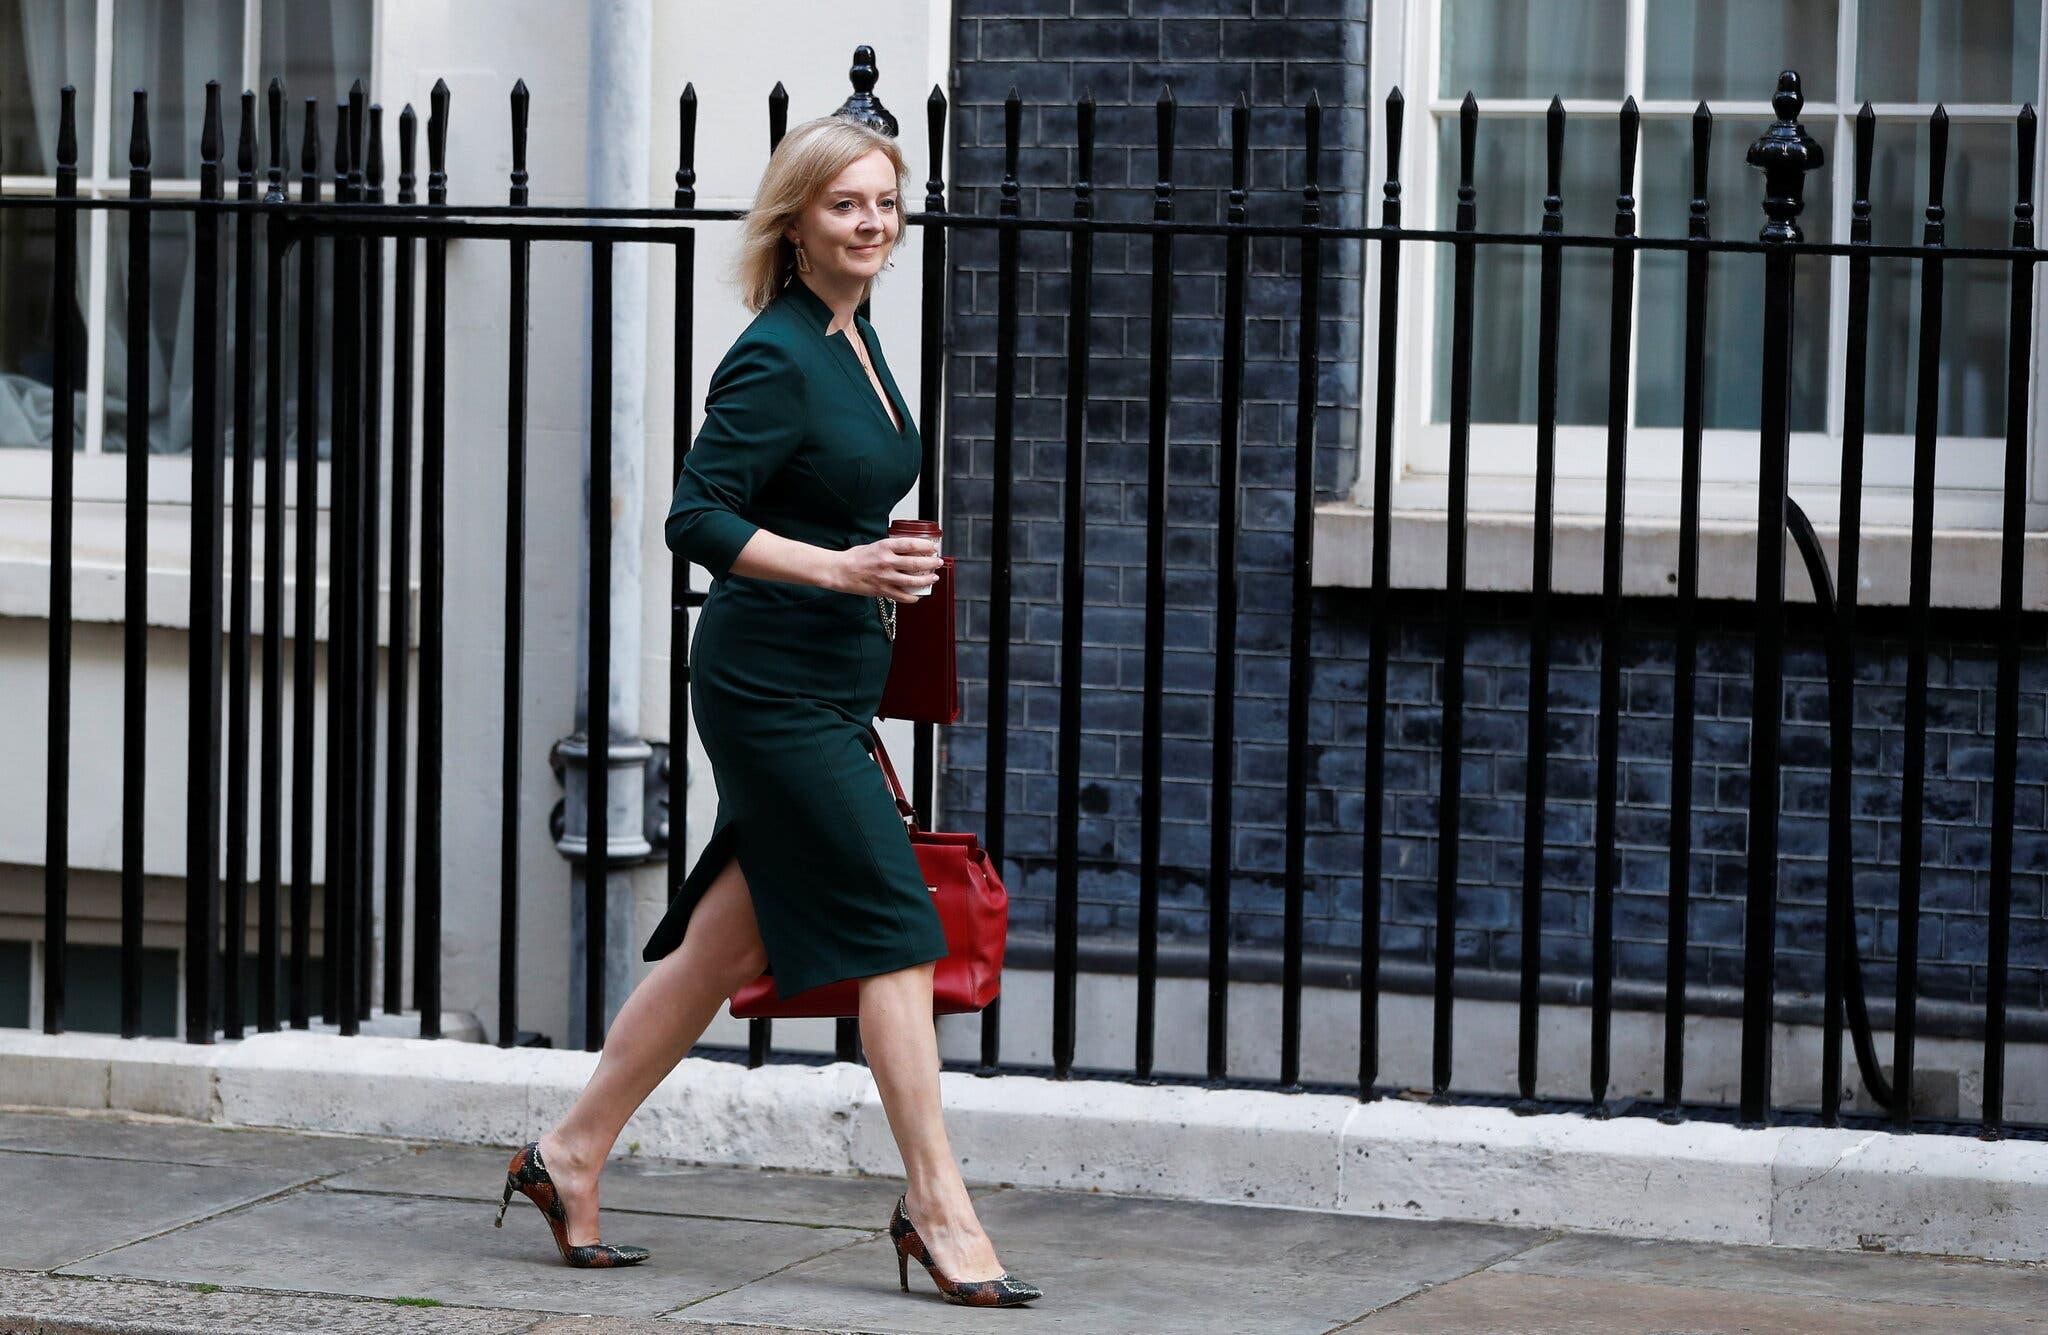 ليز تروس وزيرة للخارجية في المملكة المتحدة لعبت دورا في تنفيذ الاتفاقية